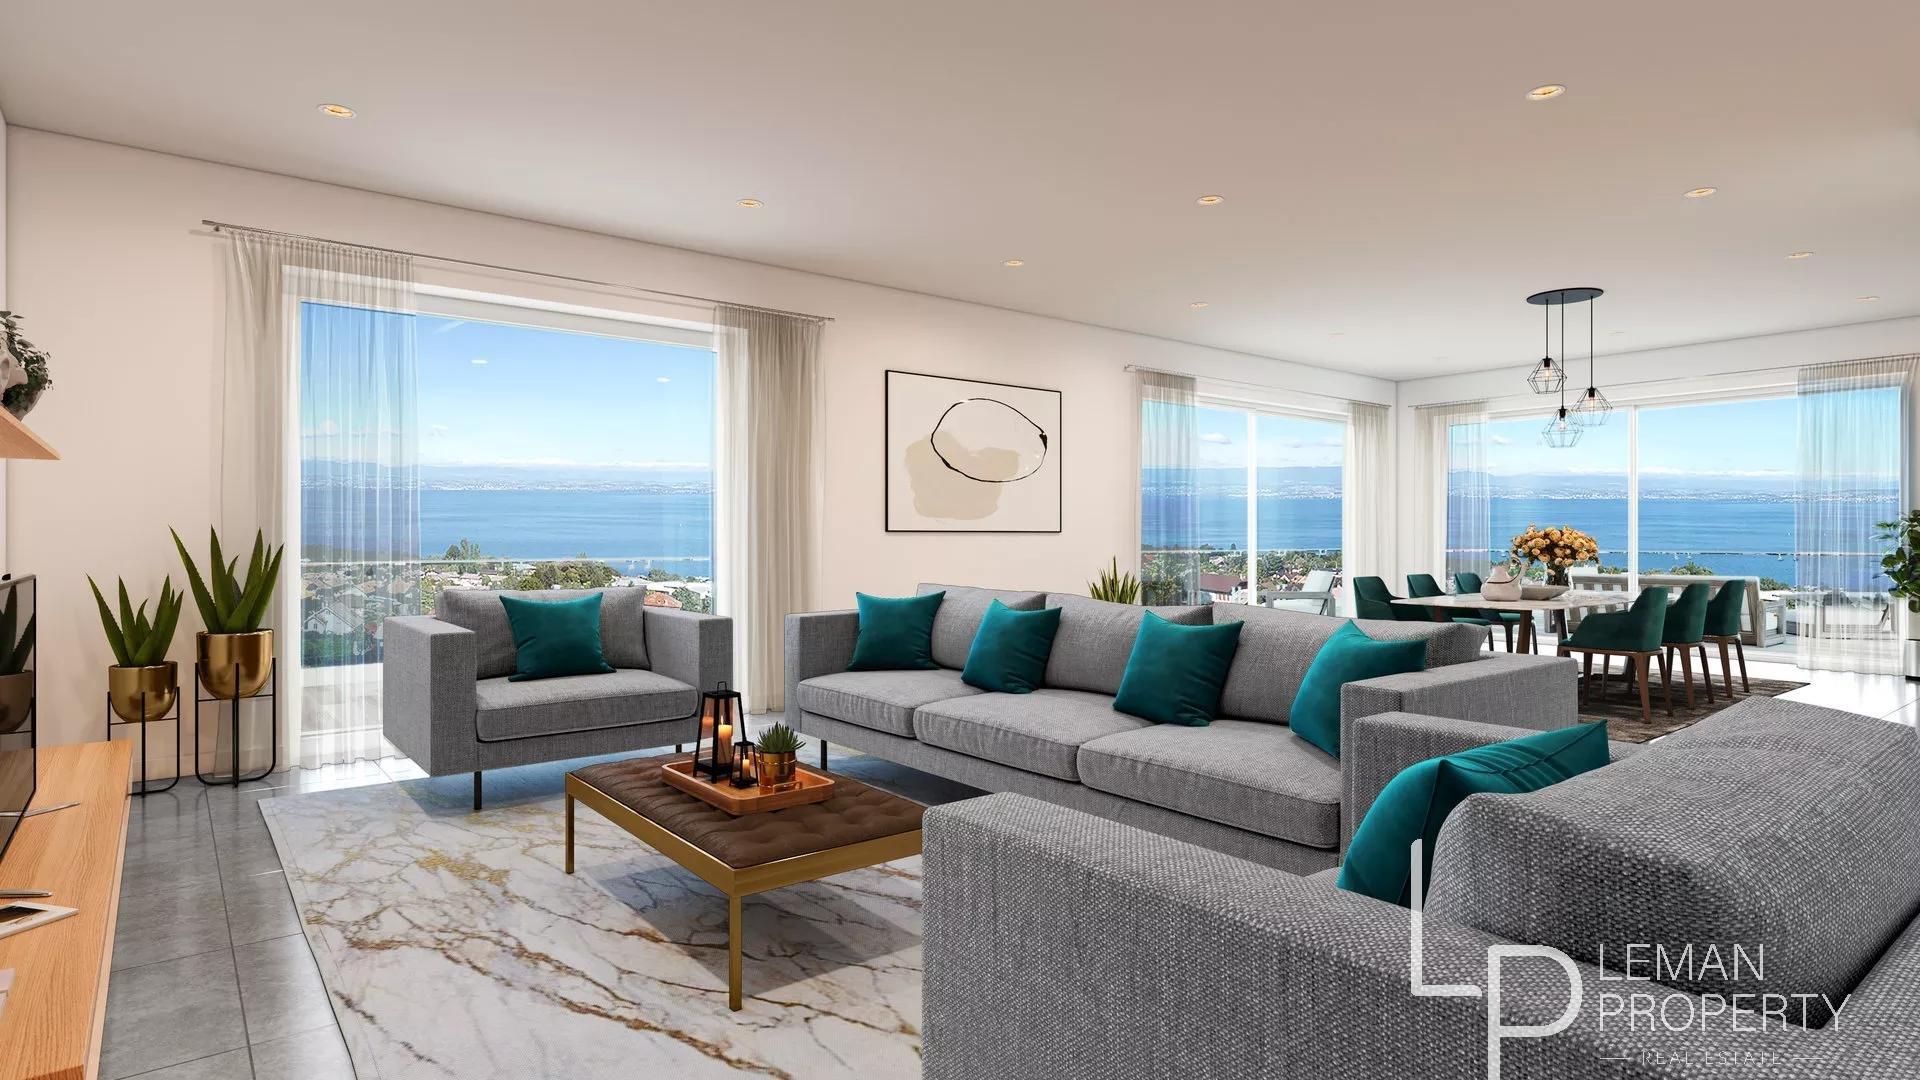 Vente de appartement à Évian-les-Bains au prix de 374700€